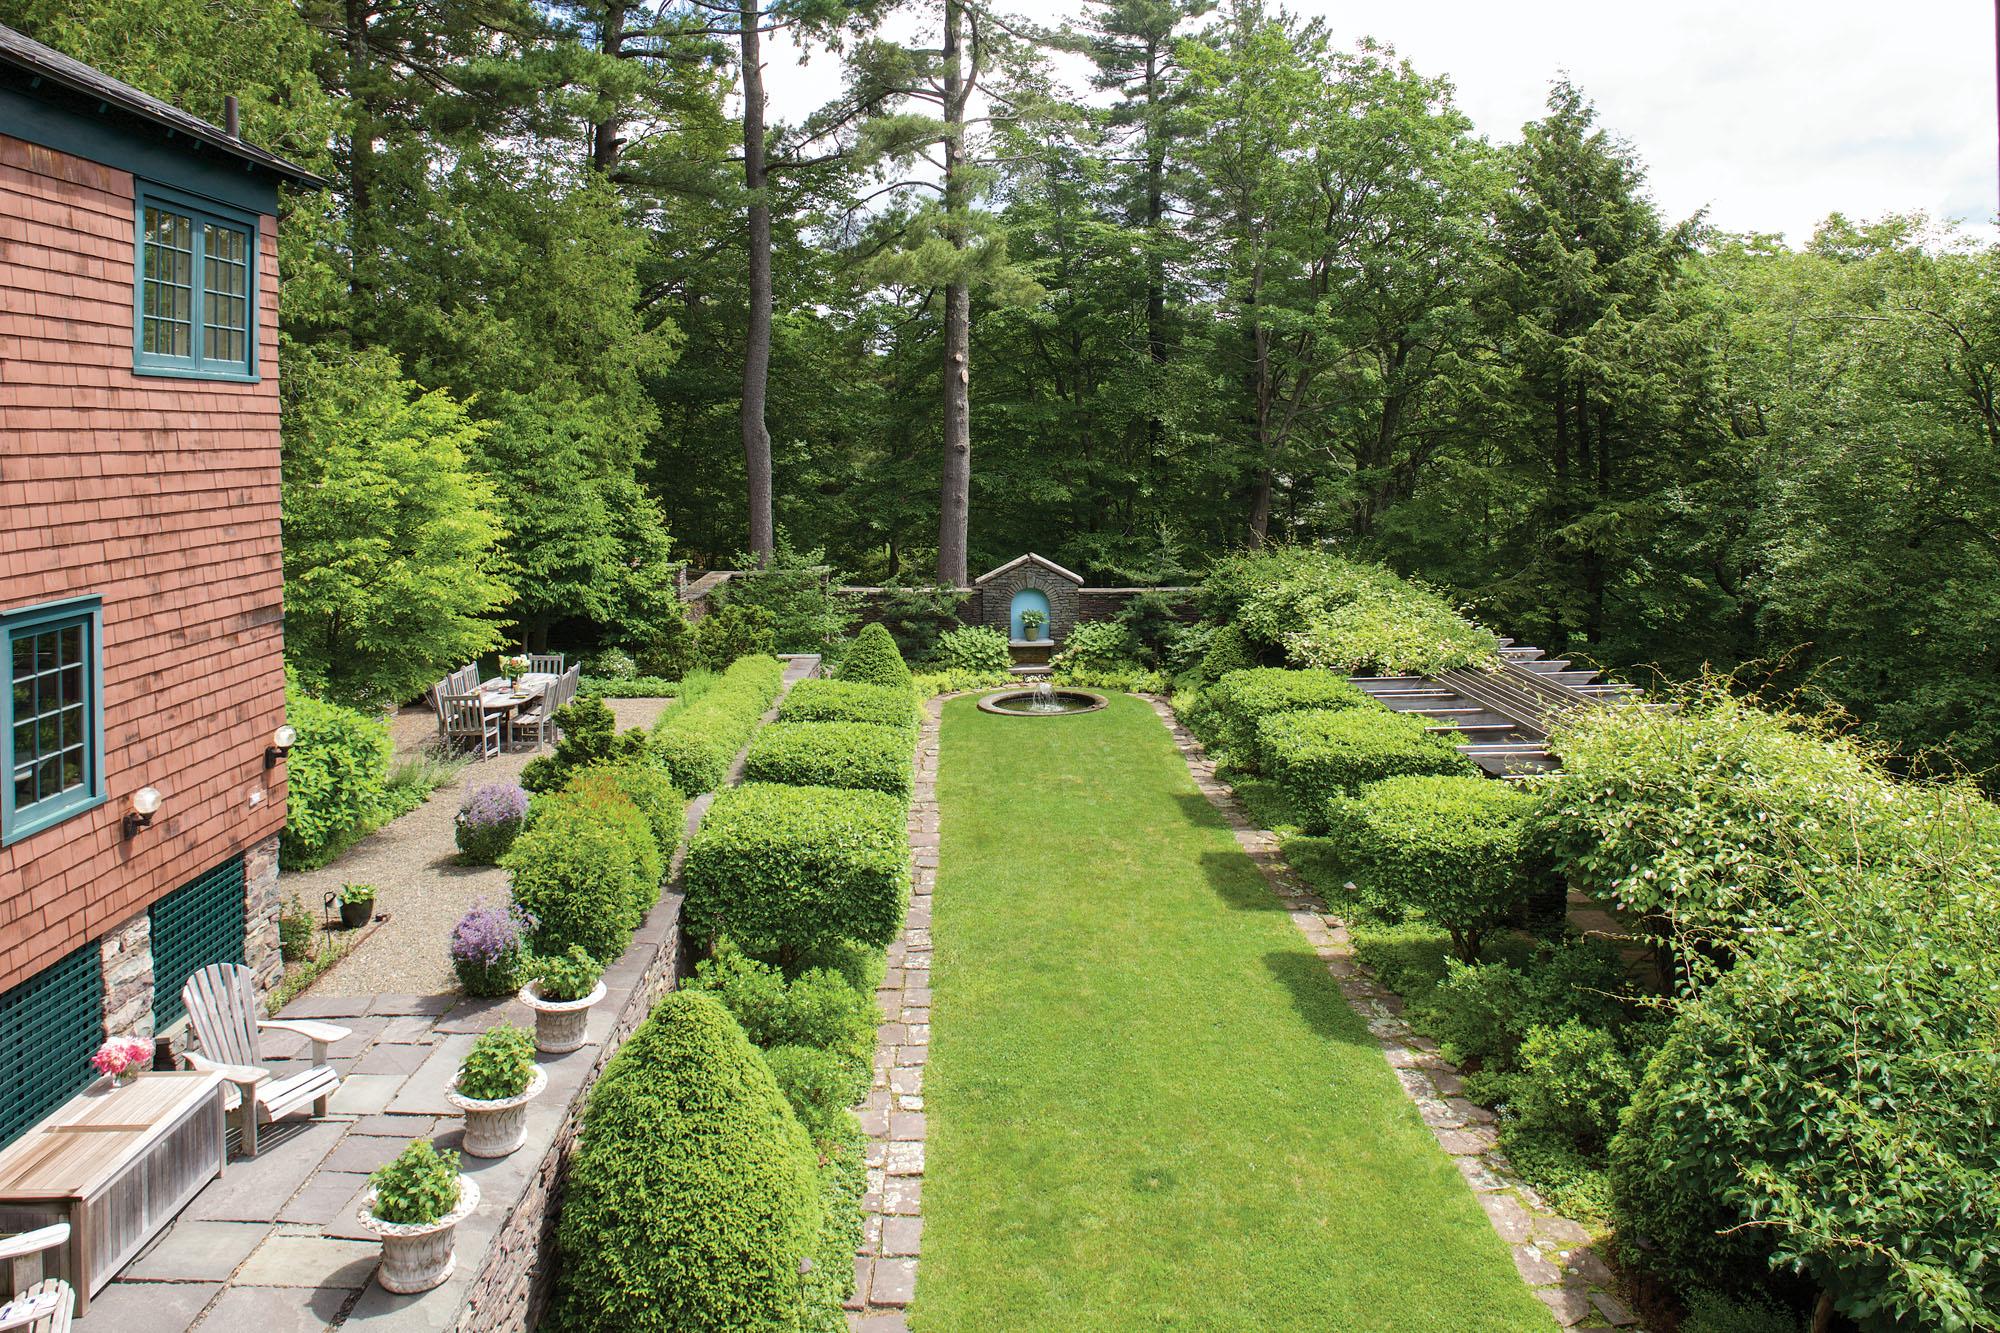 Taming Wildmuir, An English Garden